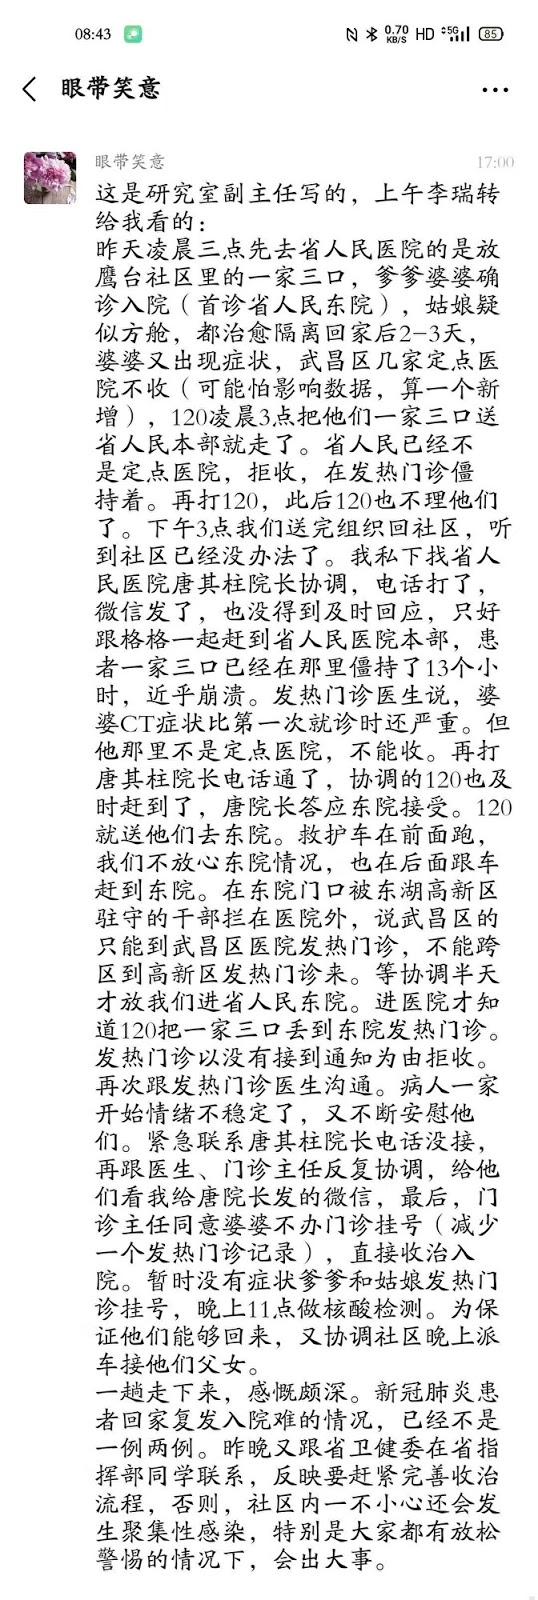 一位武汉记者的作文:《我最难忘的一天》(网络图片)